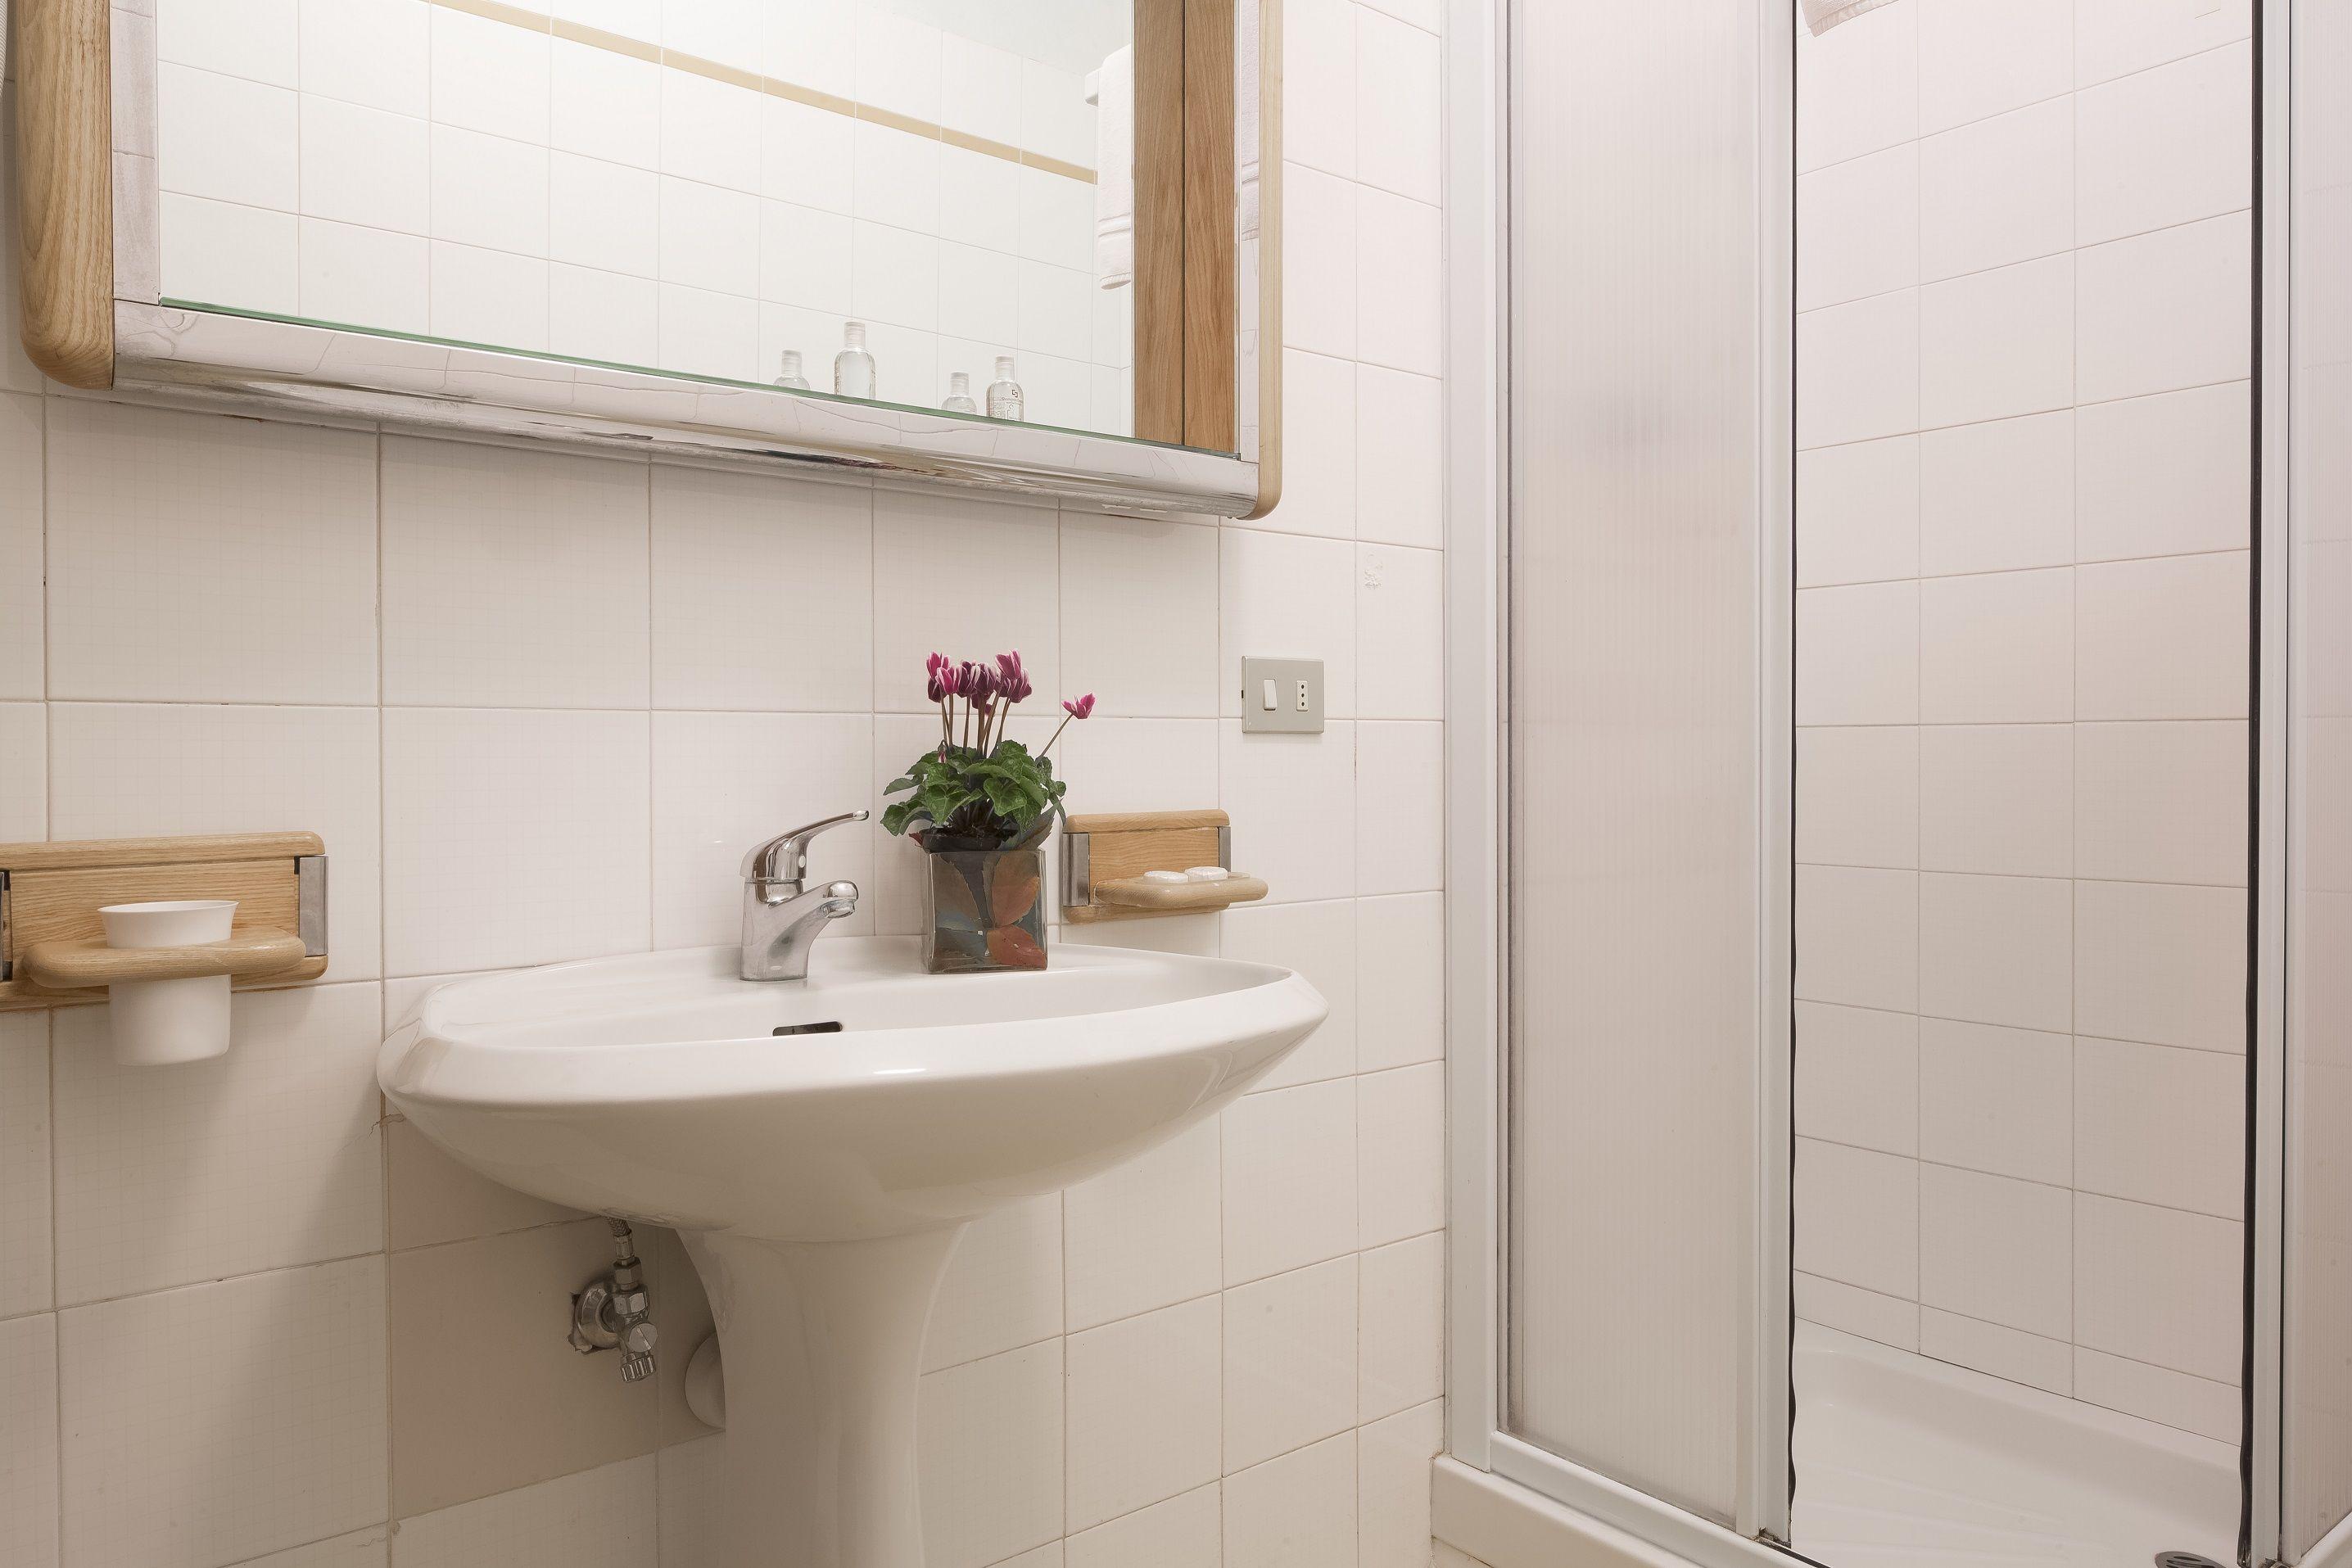 Apartment Bosco Lazzeroni Residence - Nabucco Holiday Home photo 19172220